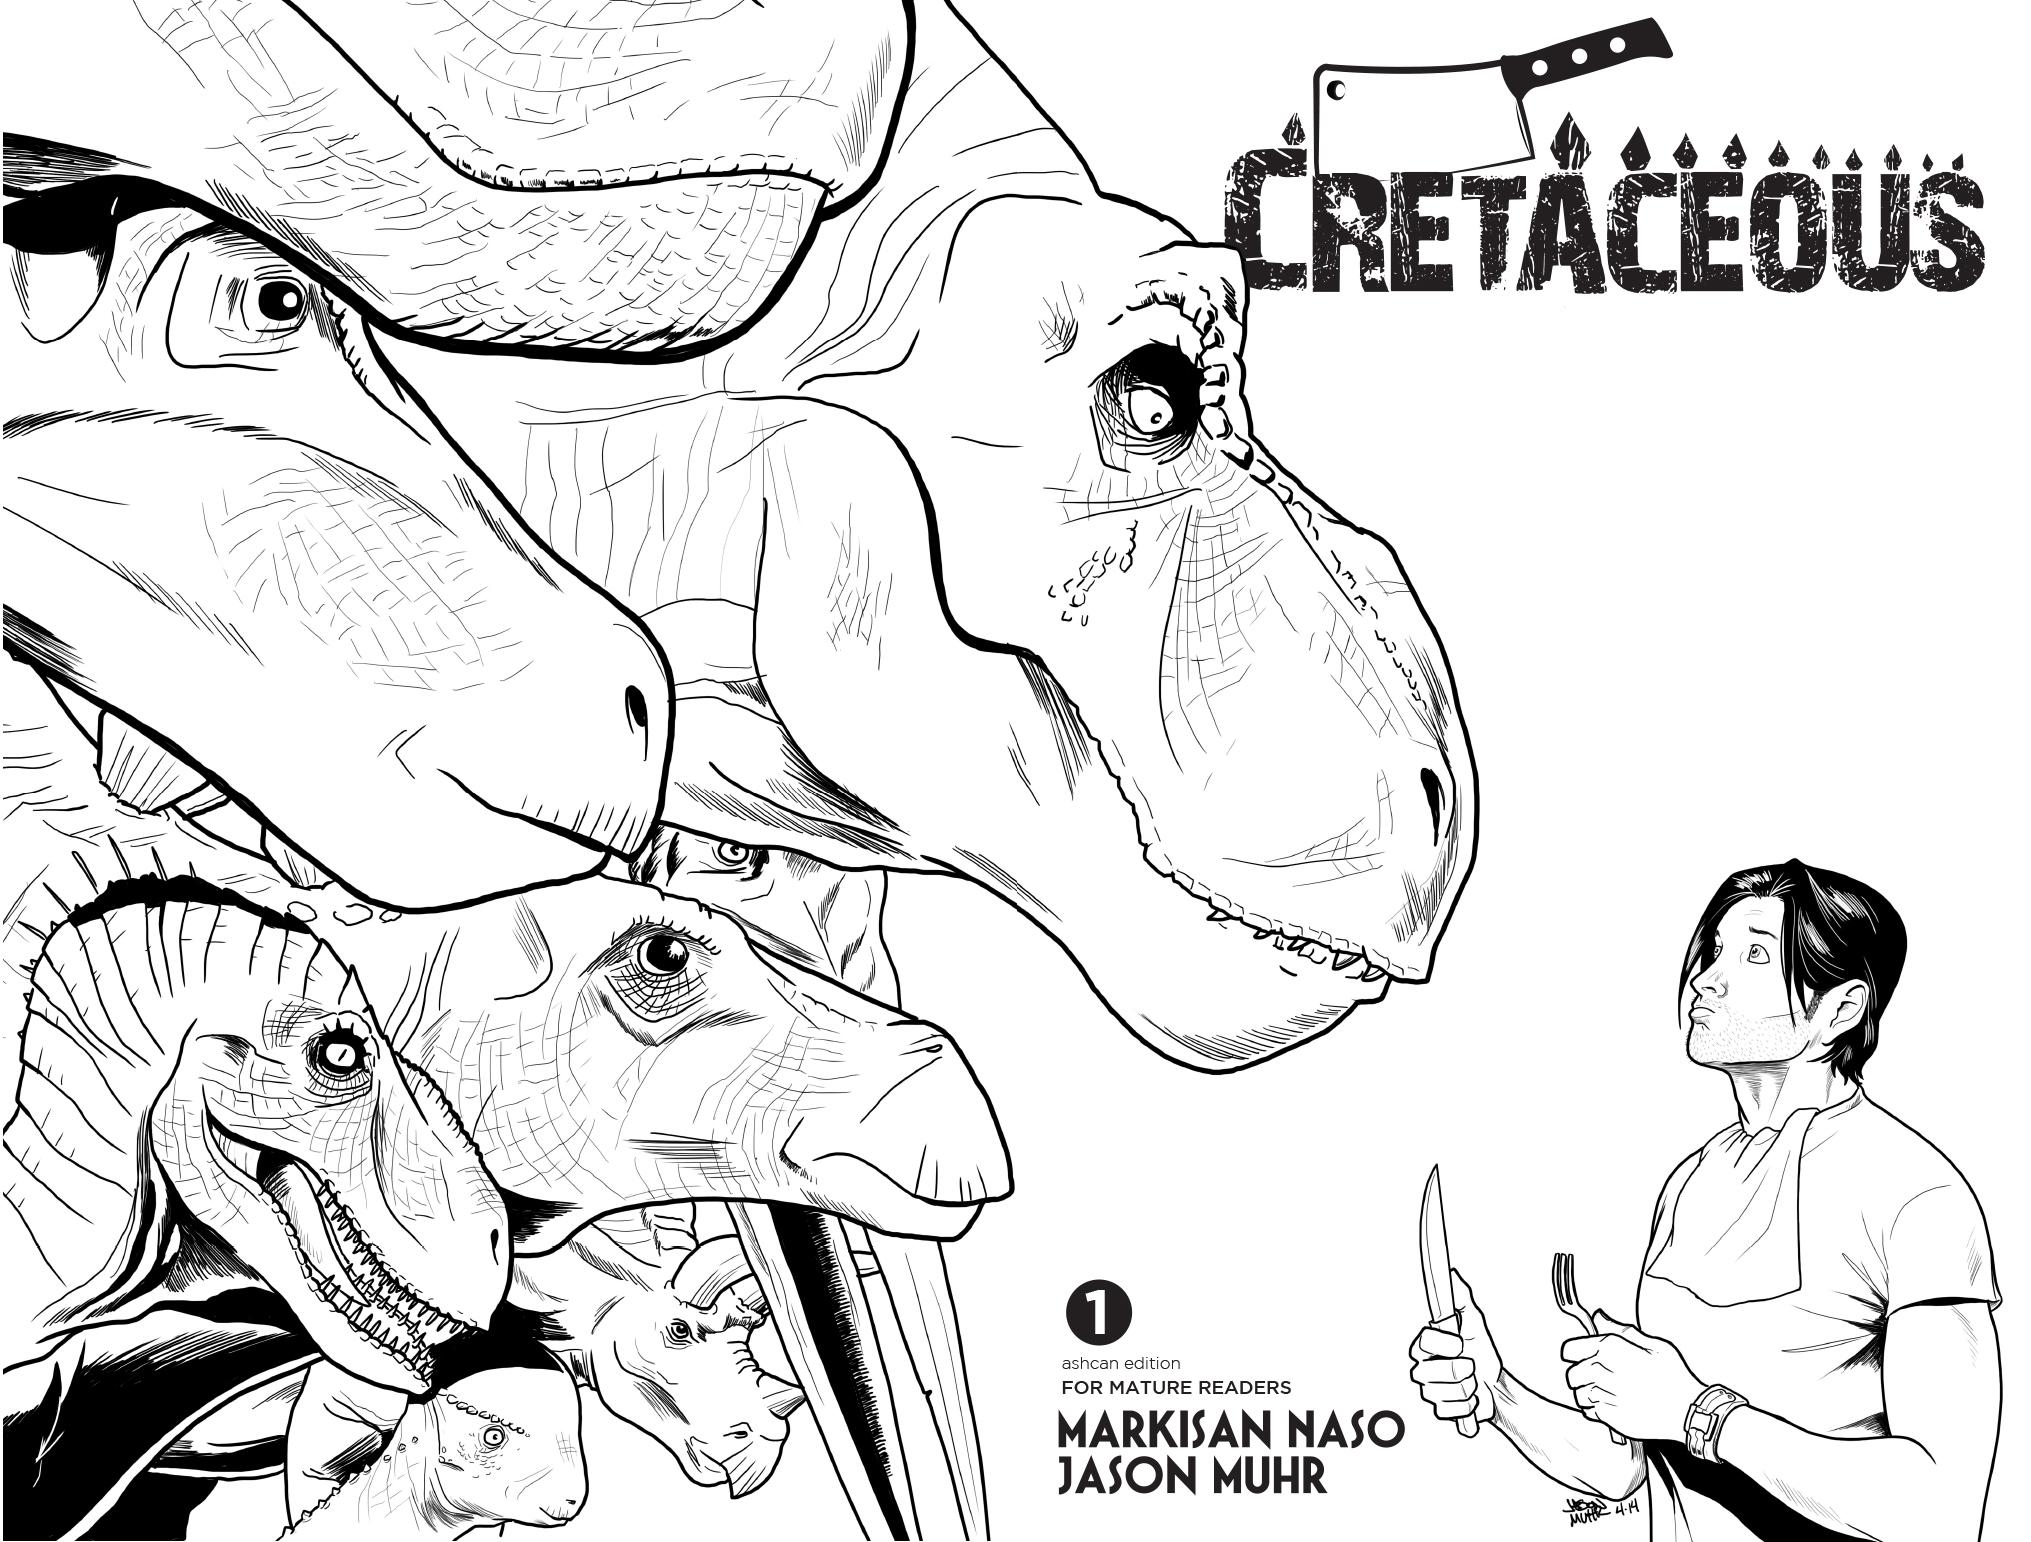 Cretaceous_01-1.jpg